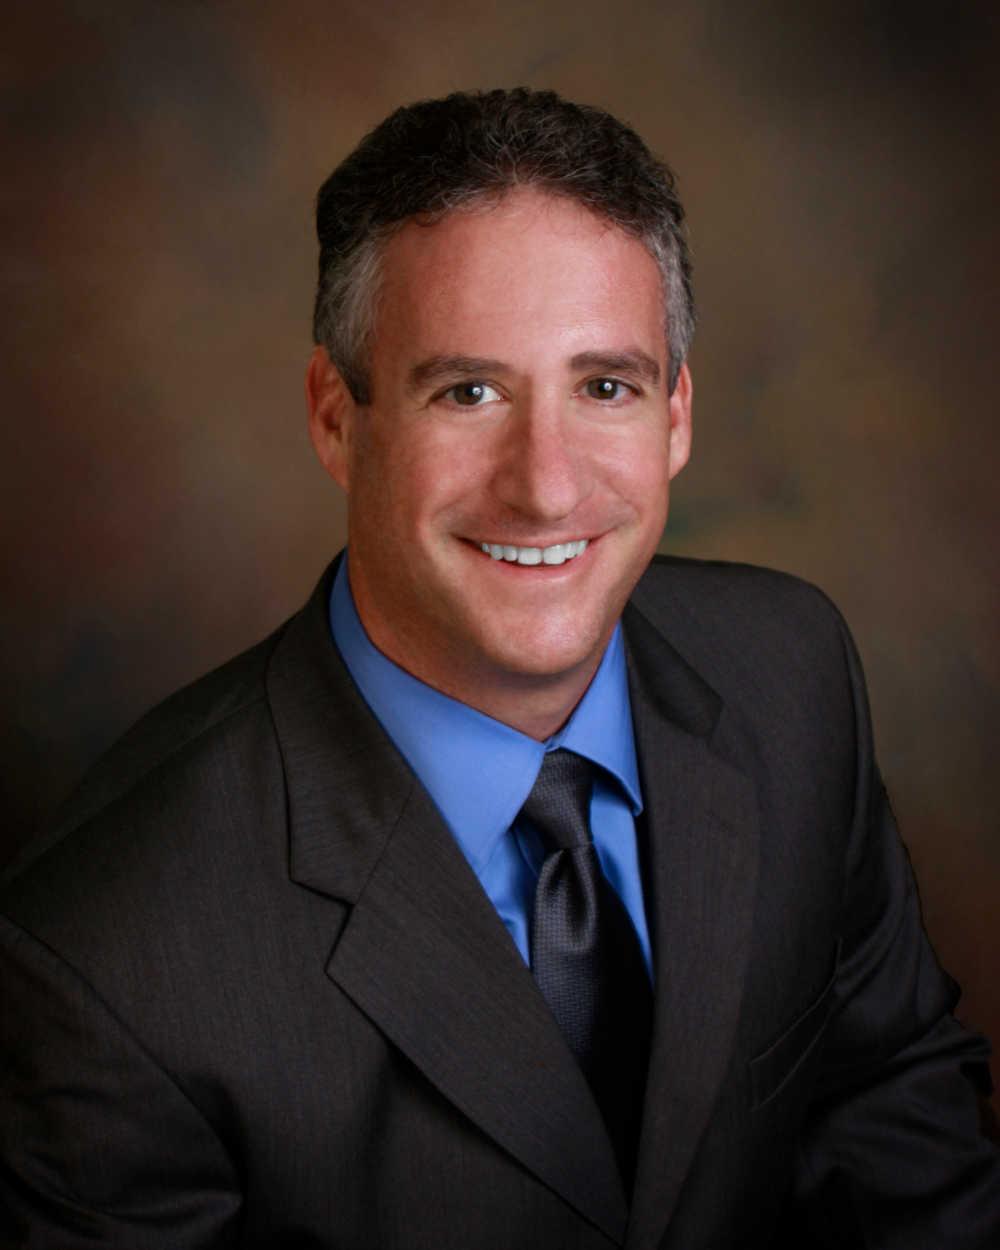 Craig R. Hersch, Florida Bar Board Certified Attorney, Wills, Trusts and Estates